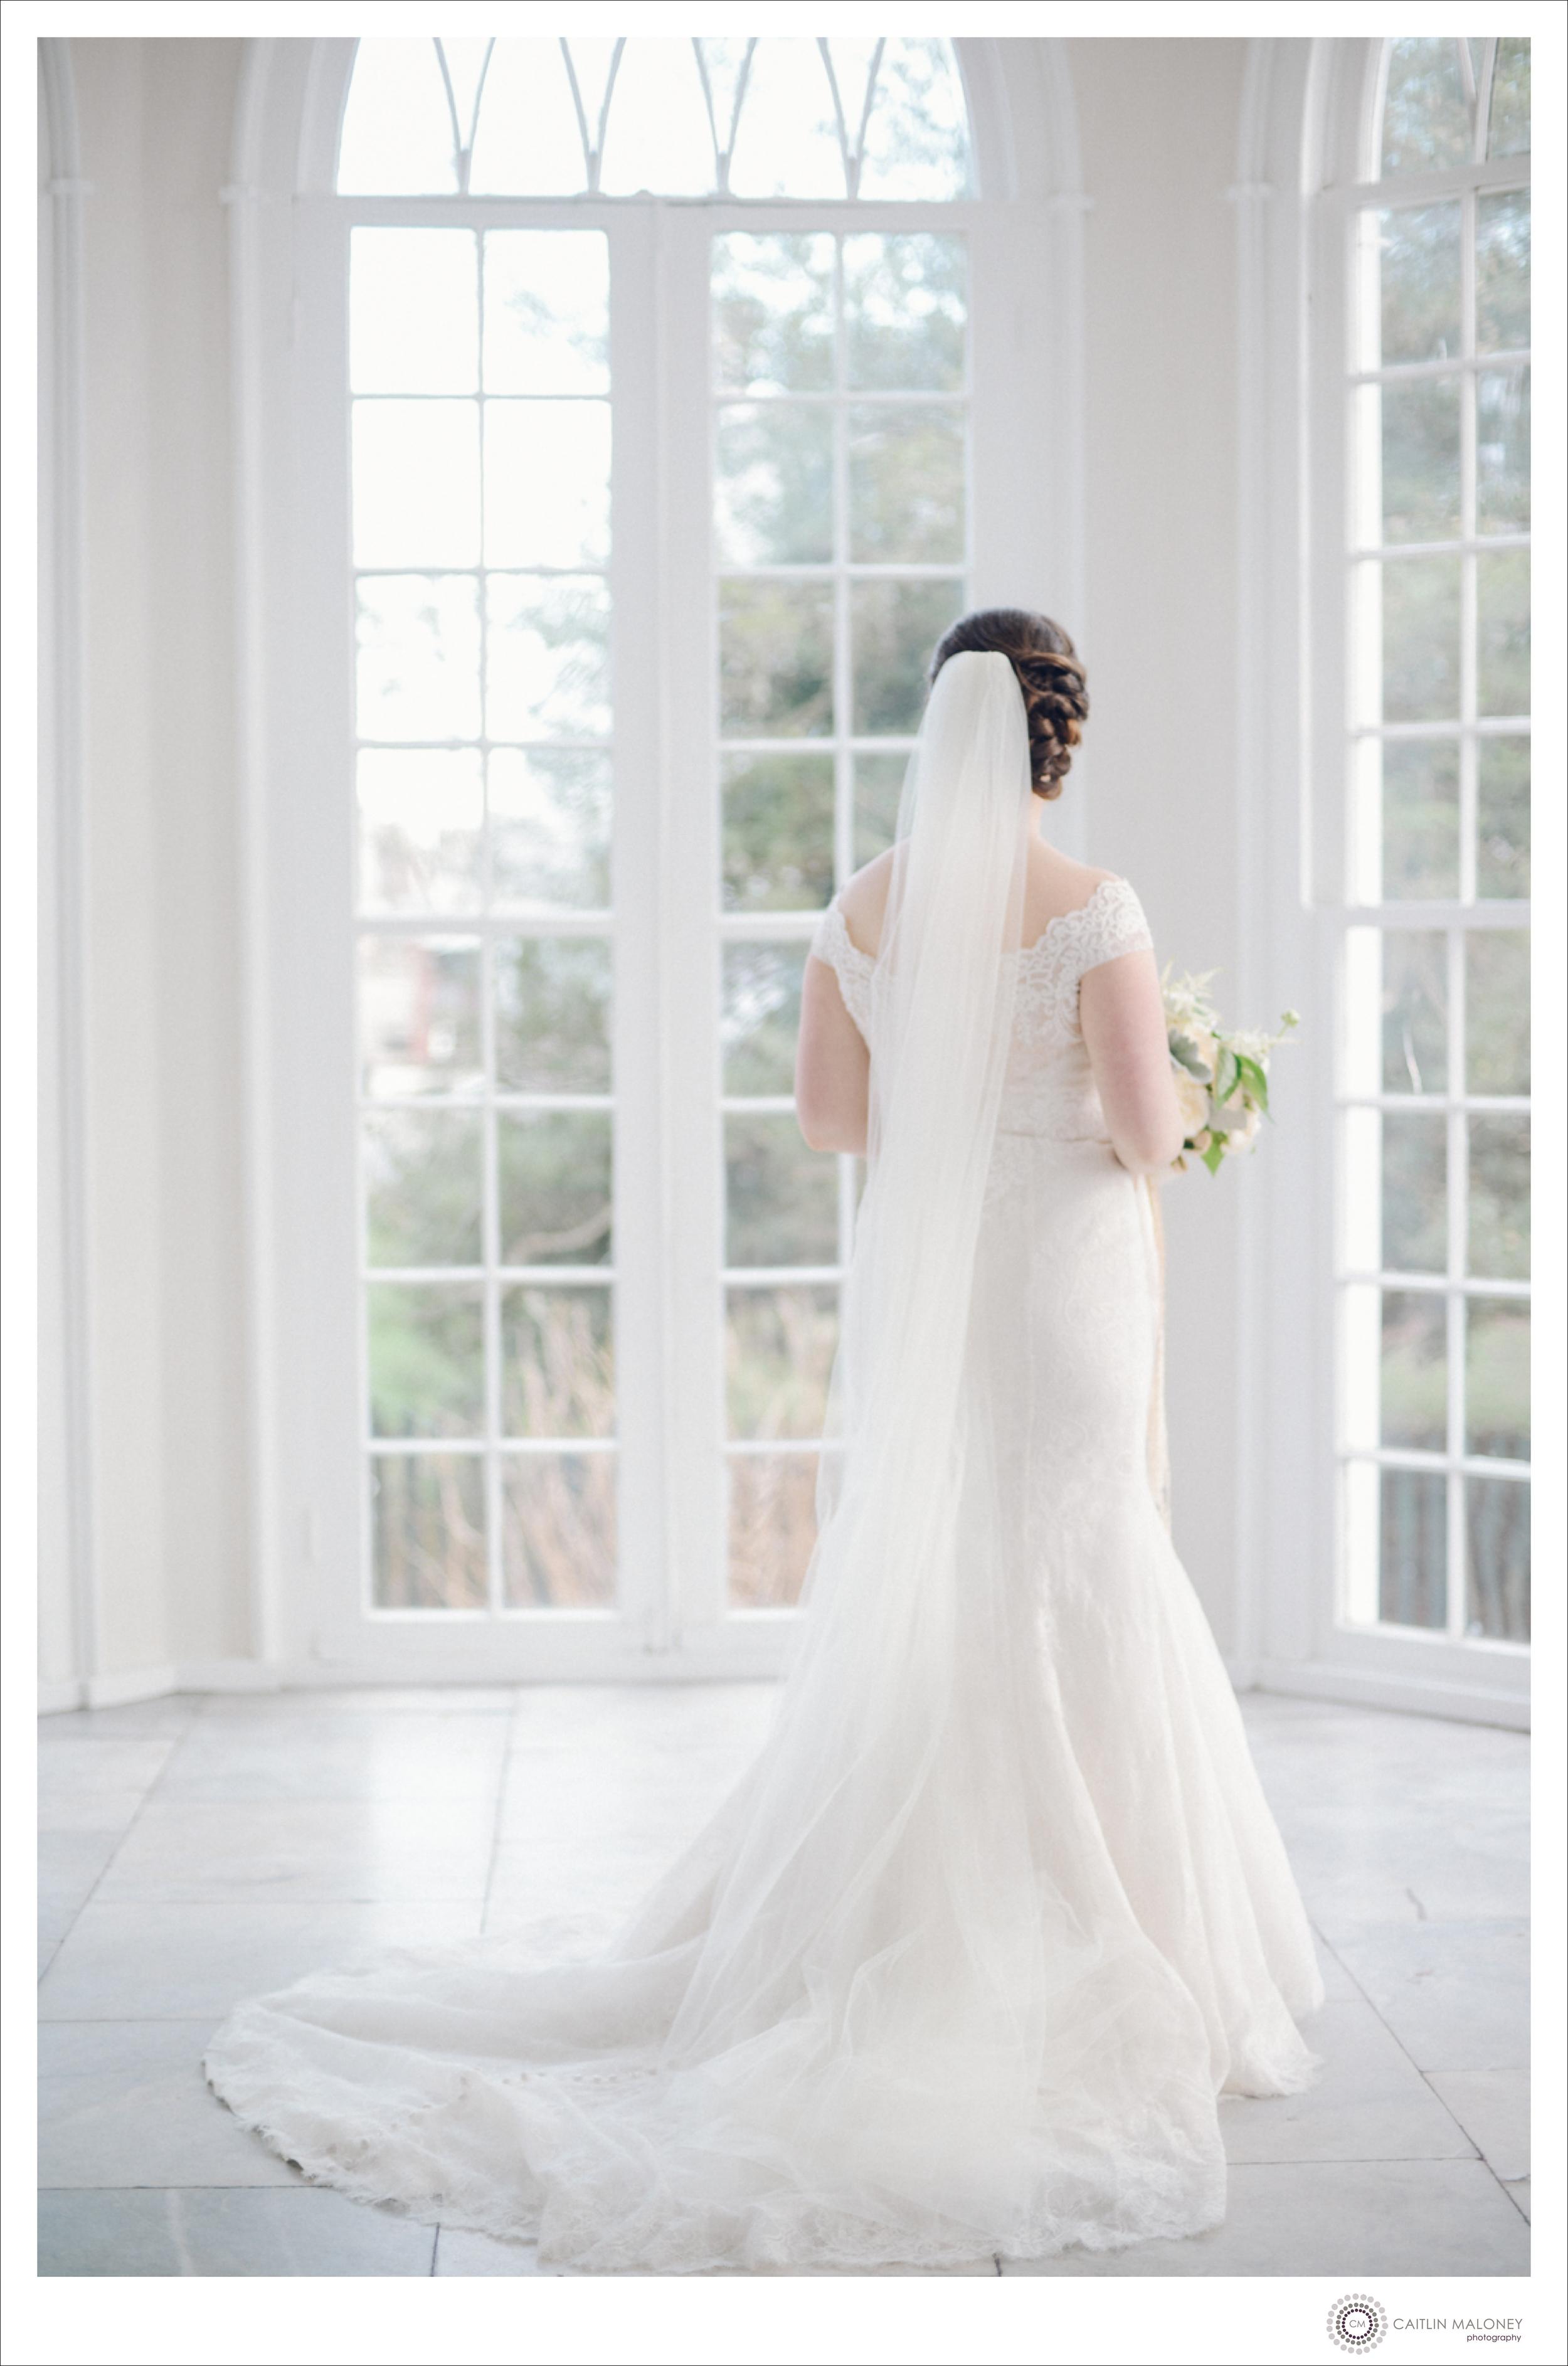 Linden_Place_Wedding_Photos_045.jpg